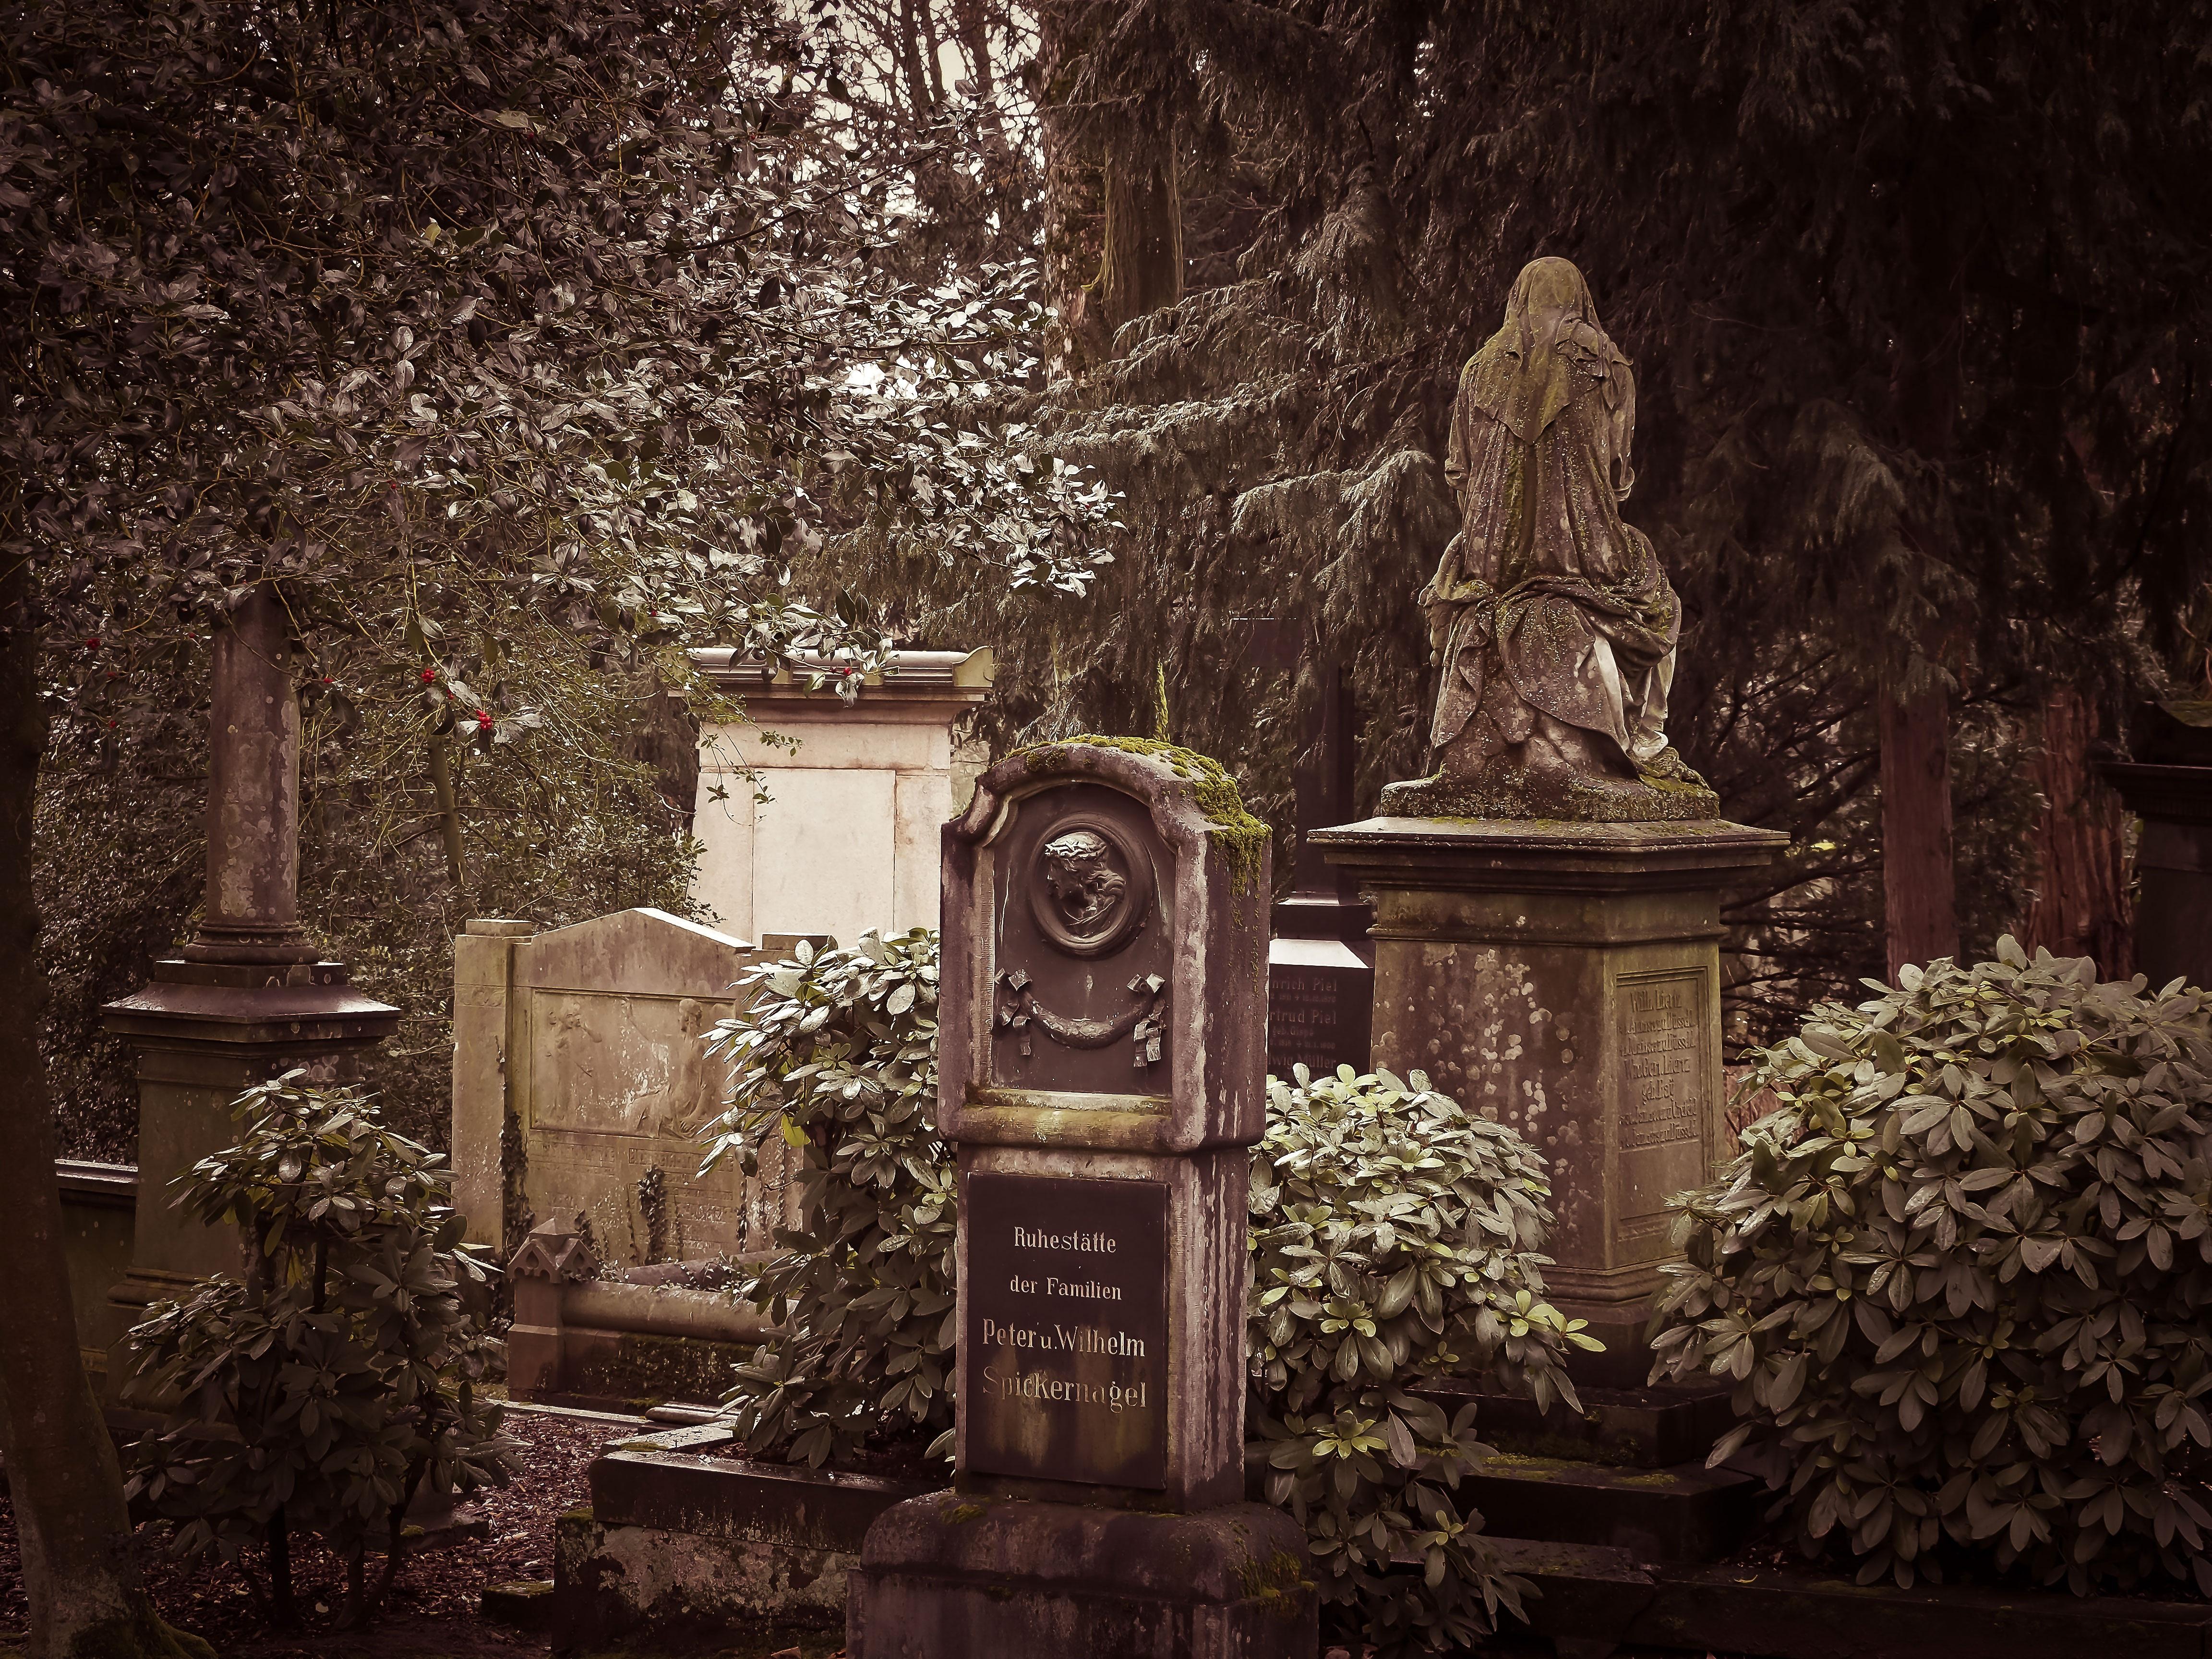 Надгробие фото готика Шар. Габбро-диабаз Междуреченск